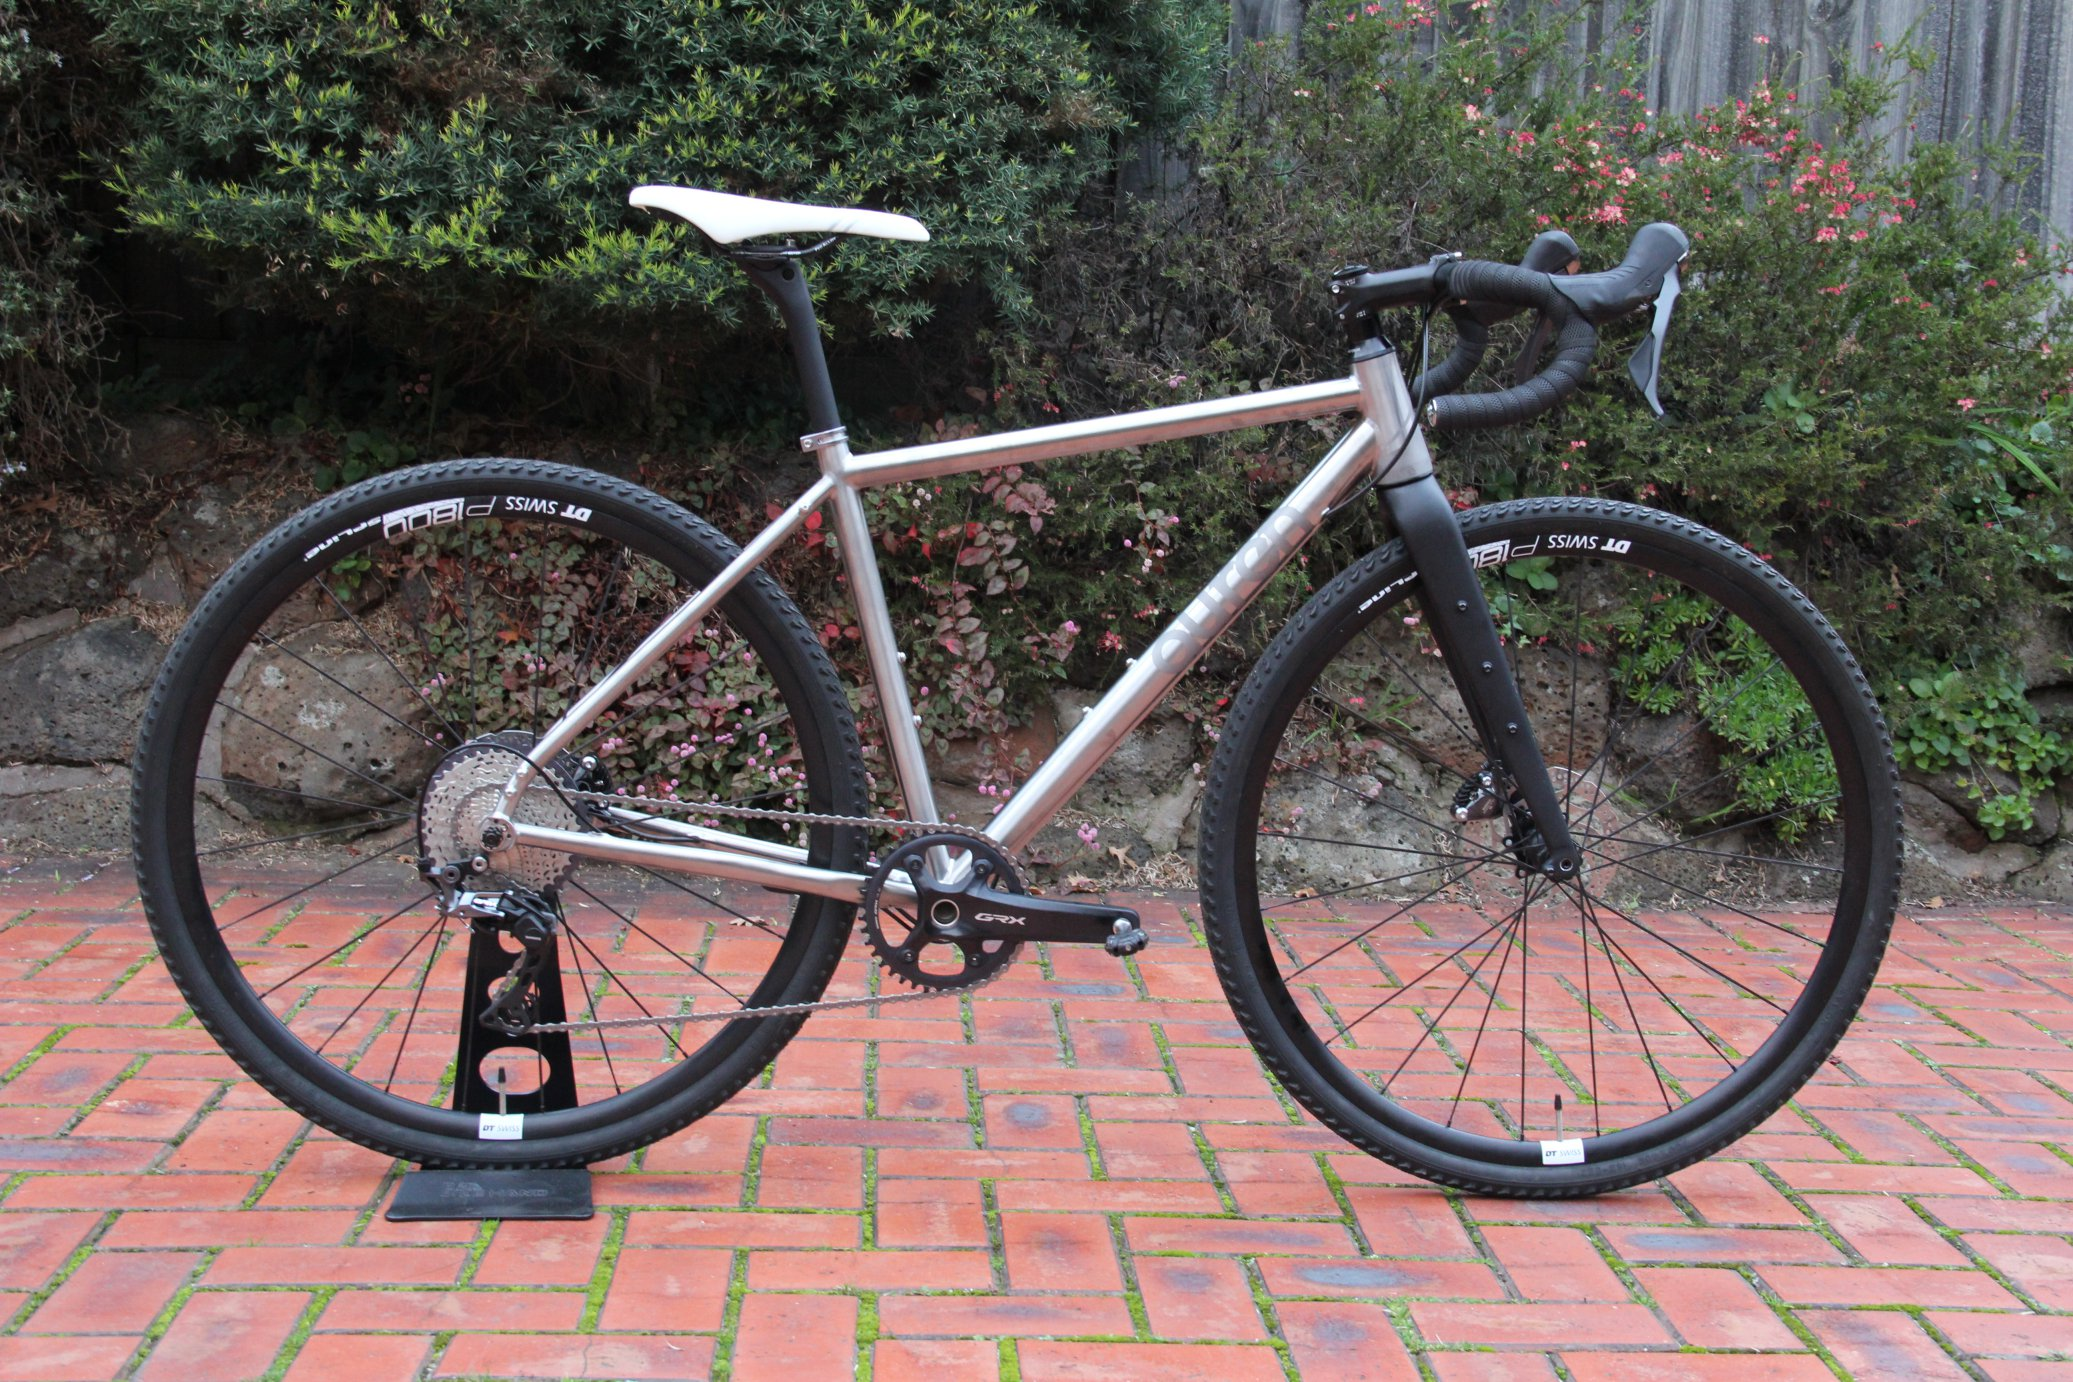 AUREN Swift Gravel Titanium Bike 700x40C